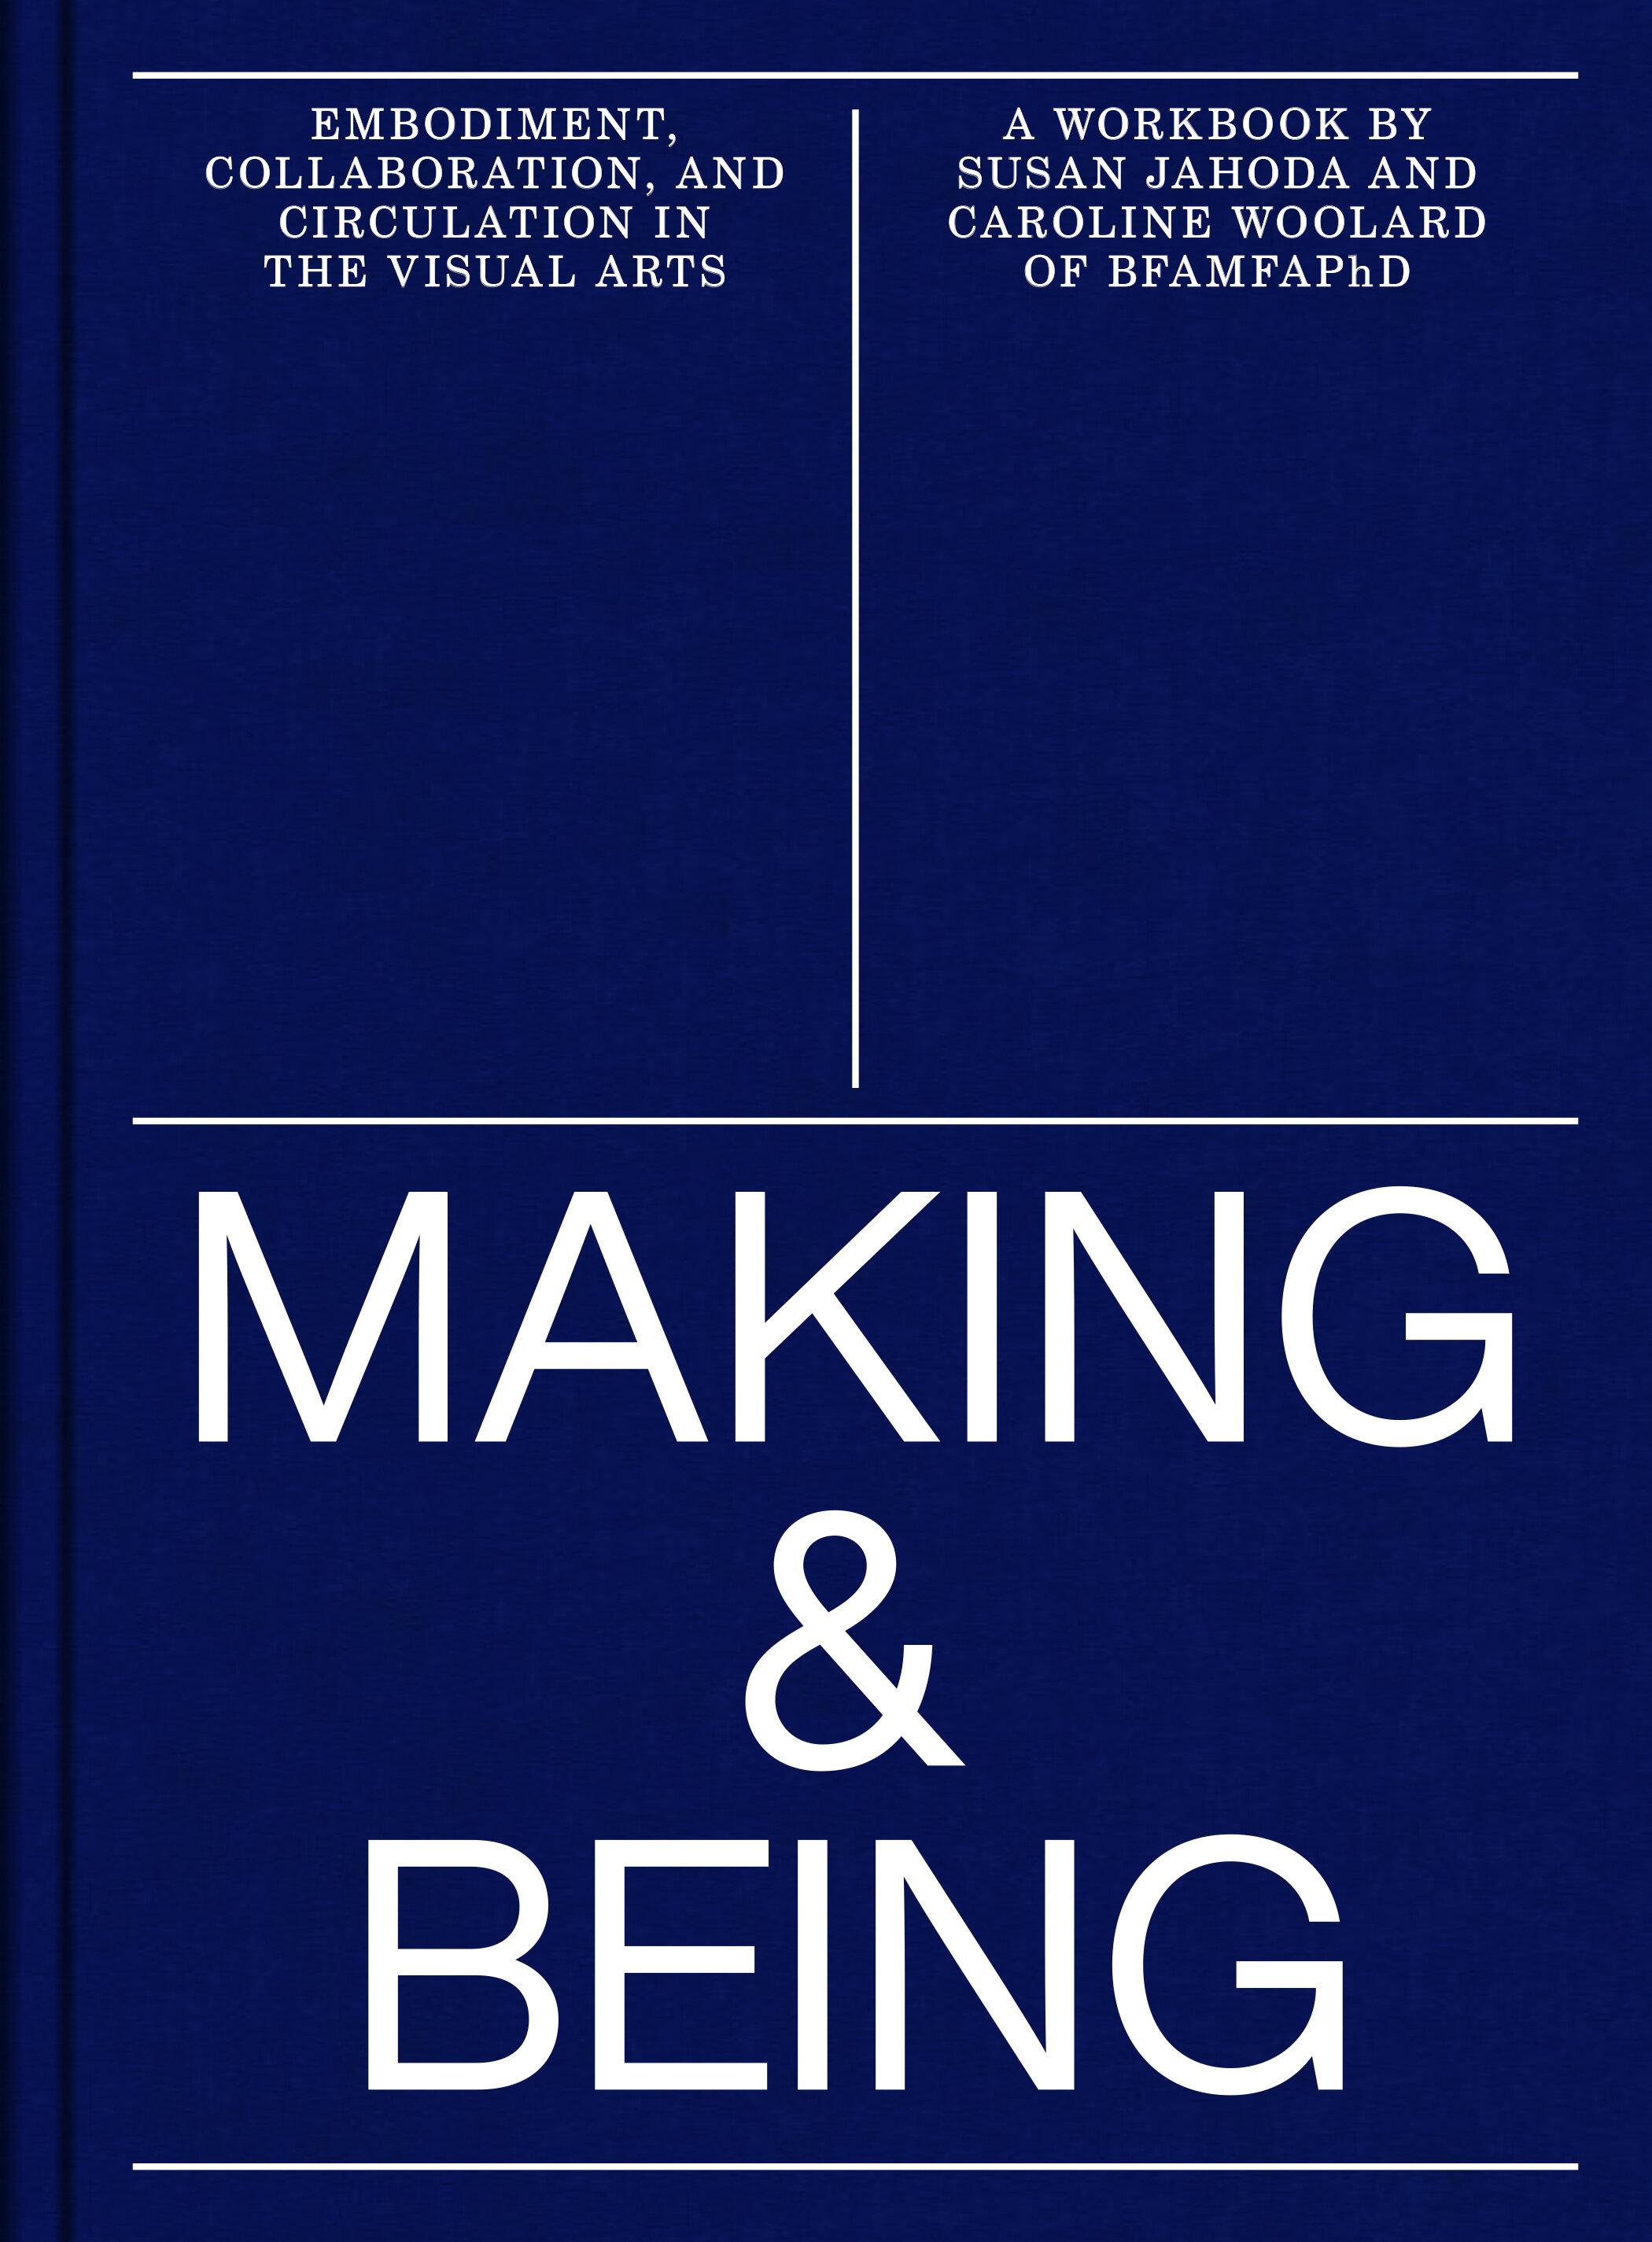 Making and Being Woolard Jahoda.jpg